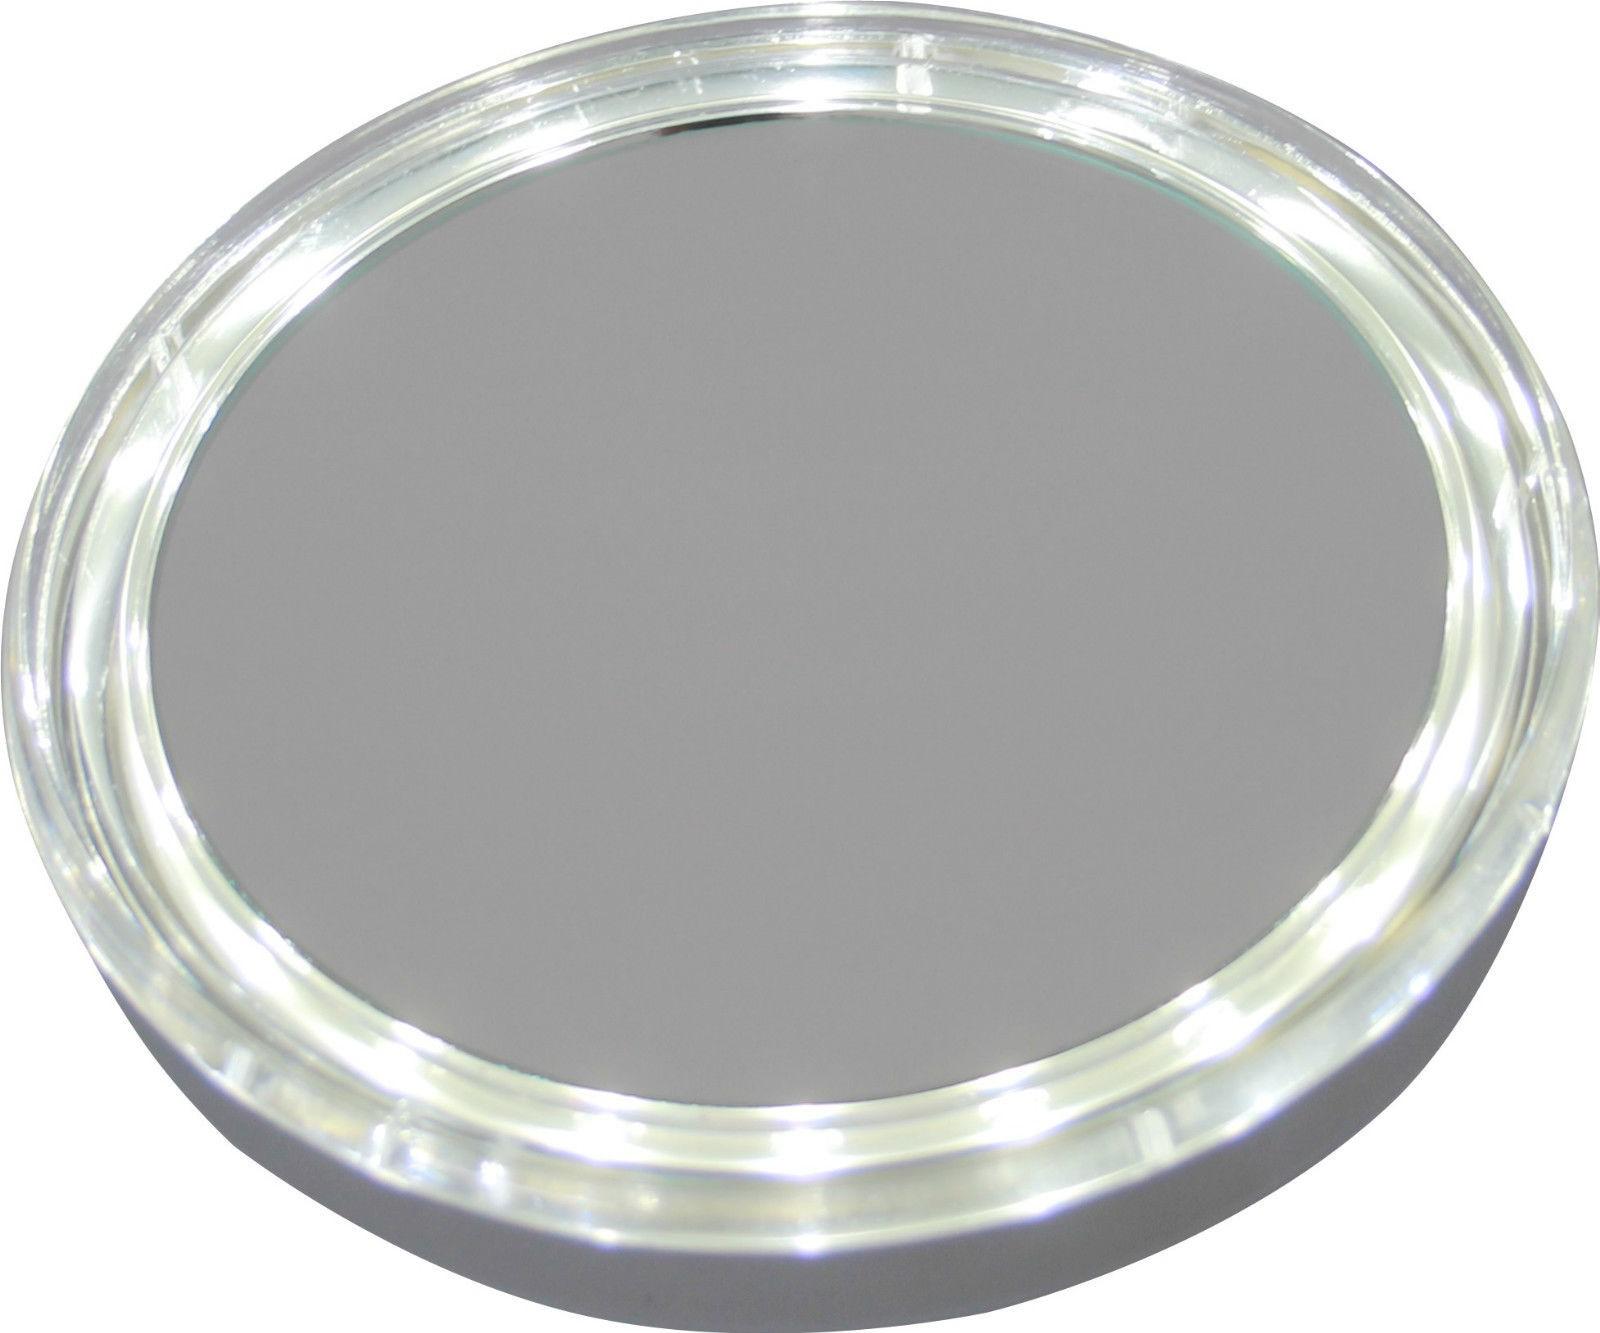 taschenspiegel beleuchteter hand kosmetikspiegel mit 5fach vergr erung led bad kosmetikspiegel 2860. Black Bedroom Furniture Sets. Home Design Ideas